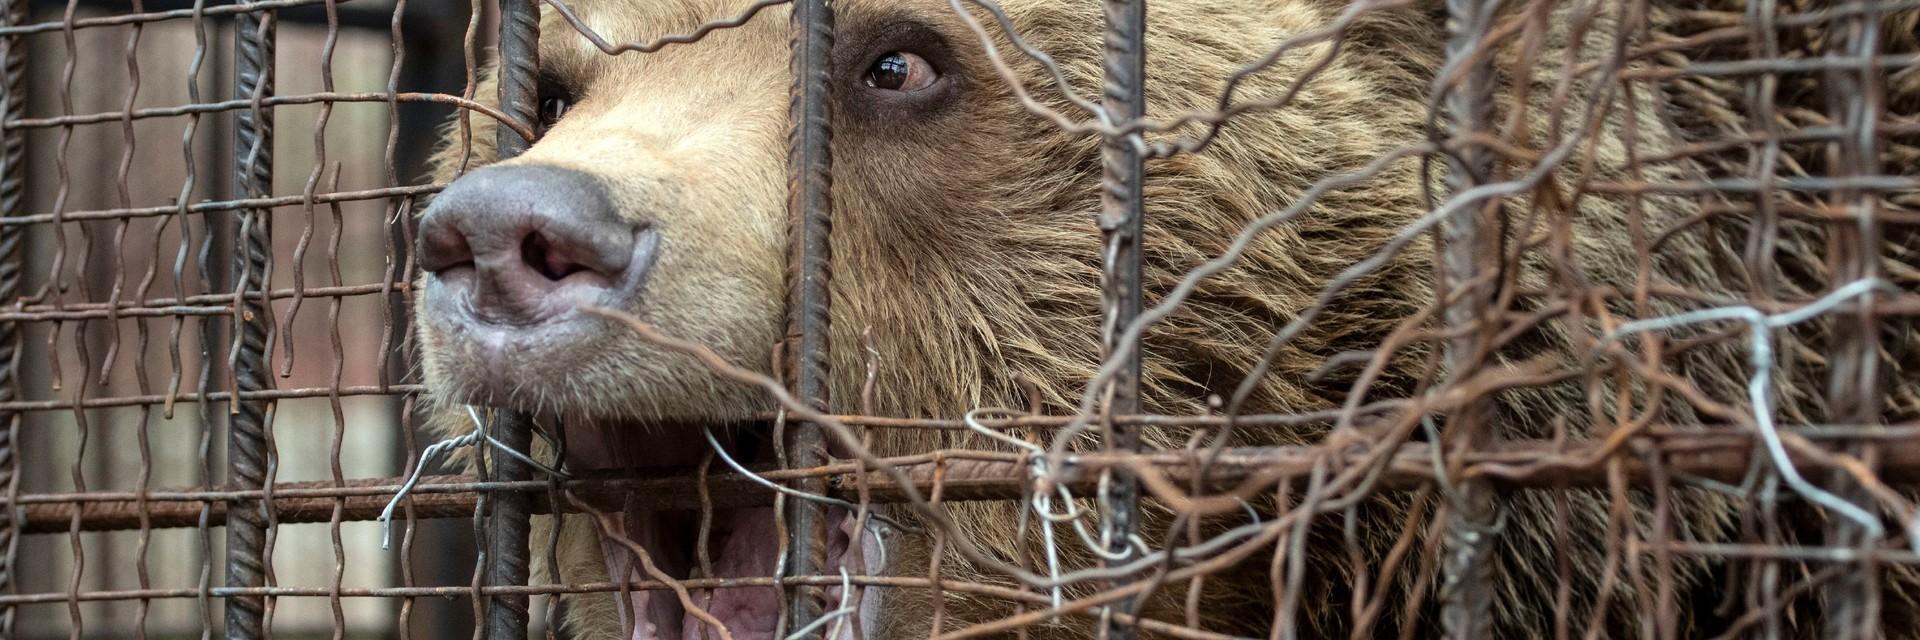 Bear Teddy behind bars